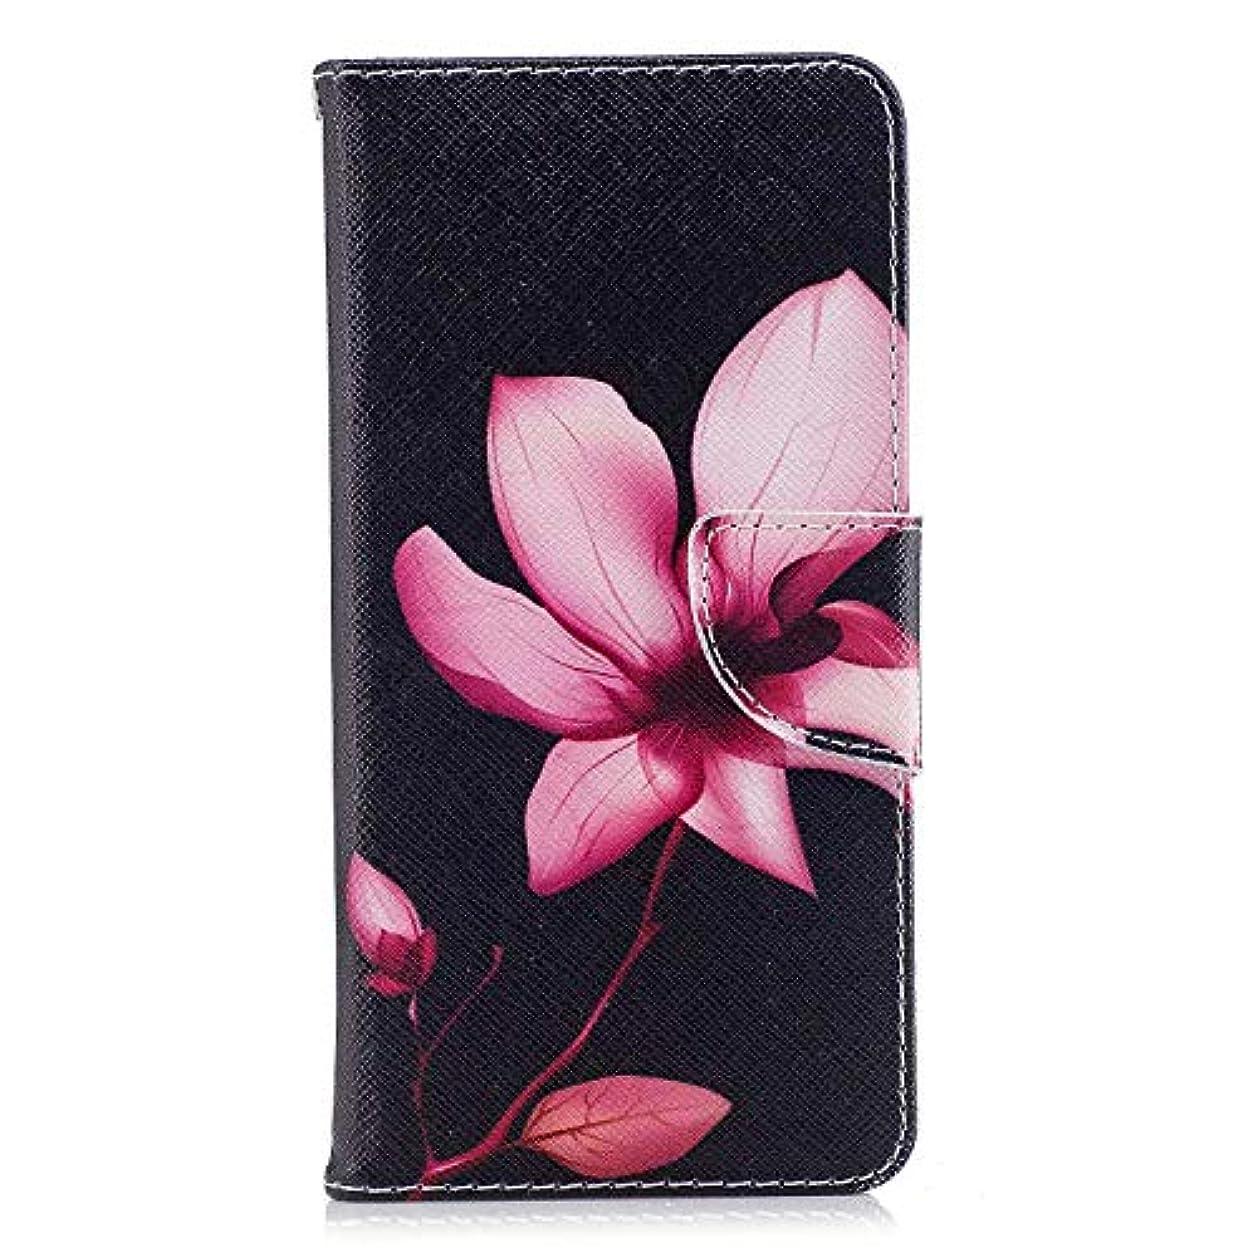 ブラウザ業界内なるOMATENTI Xiaomi Redmi 5 ケース, ファッション人気 PUレザー 手帳 軽量 電話ケース 耐衝撃性 落下防止 薄型 スマホケースザー 付きスタンド機能, マグネット開閉式 そしてカード収納 Xiaomi...